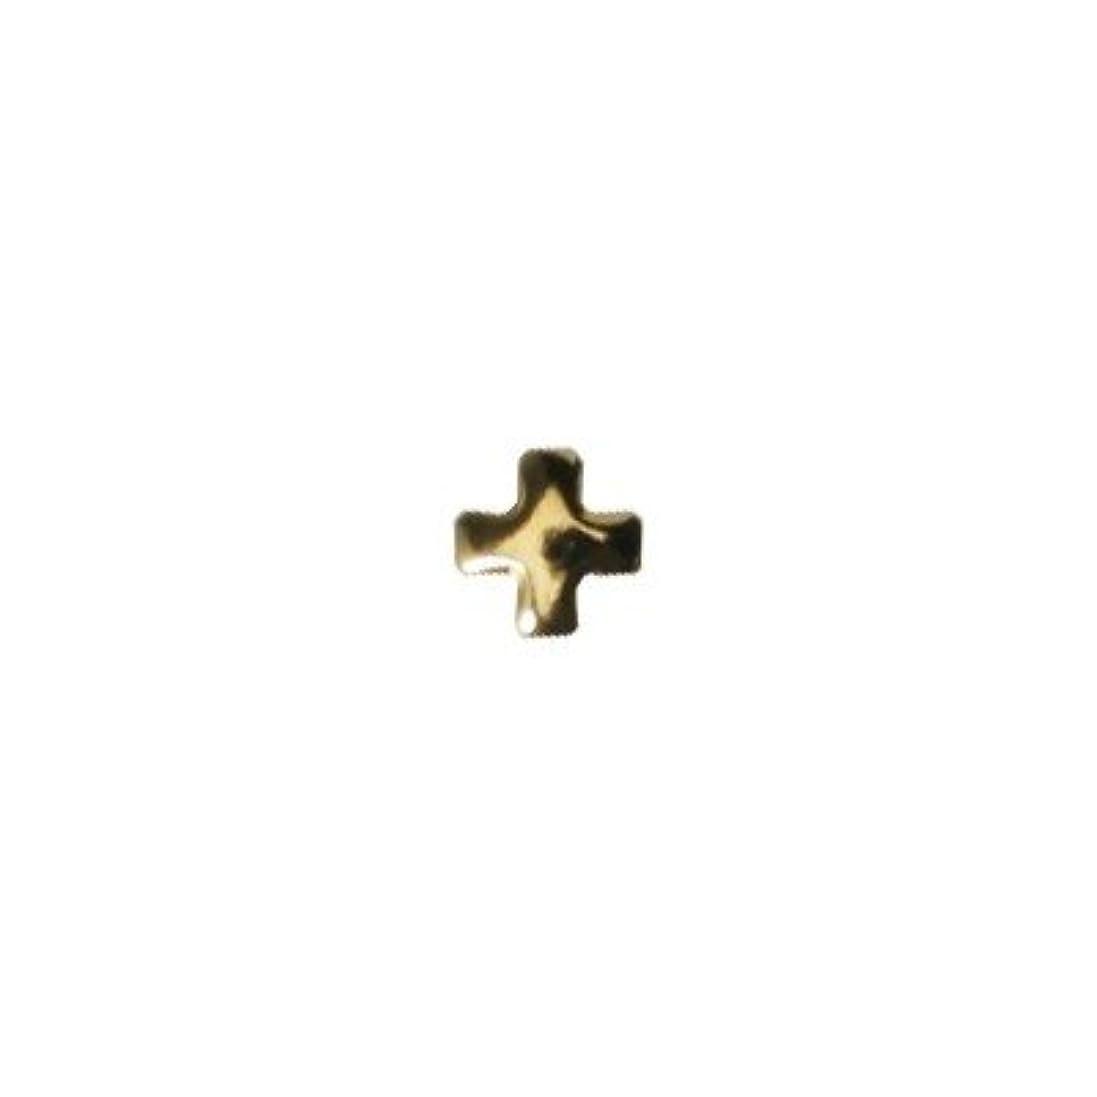 教育学包帯ビスケットピアドラ スタッズ クロスレット 2mm 50P ゴールド